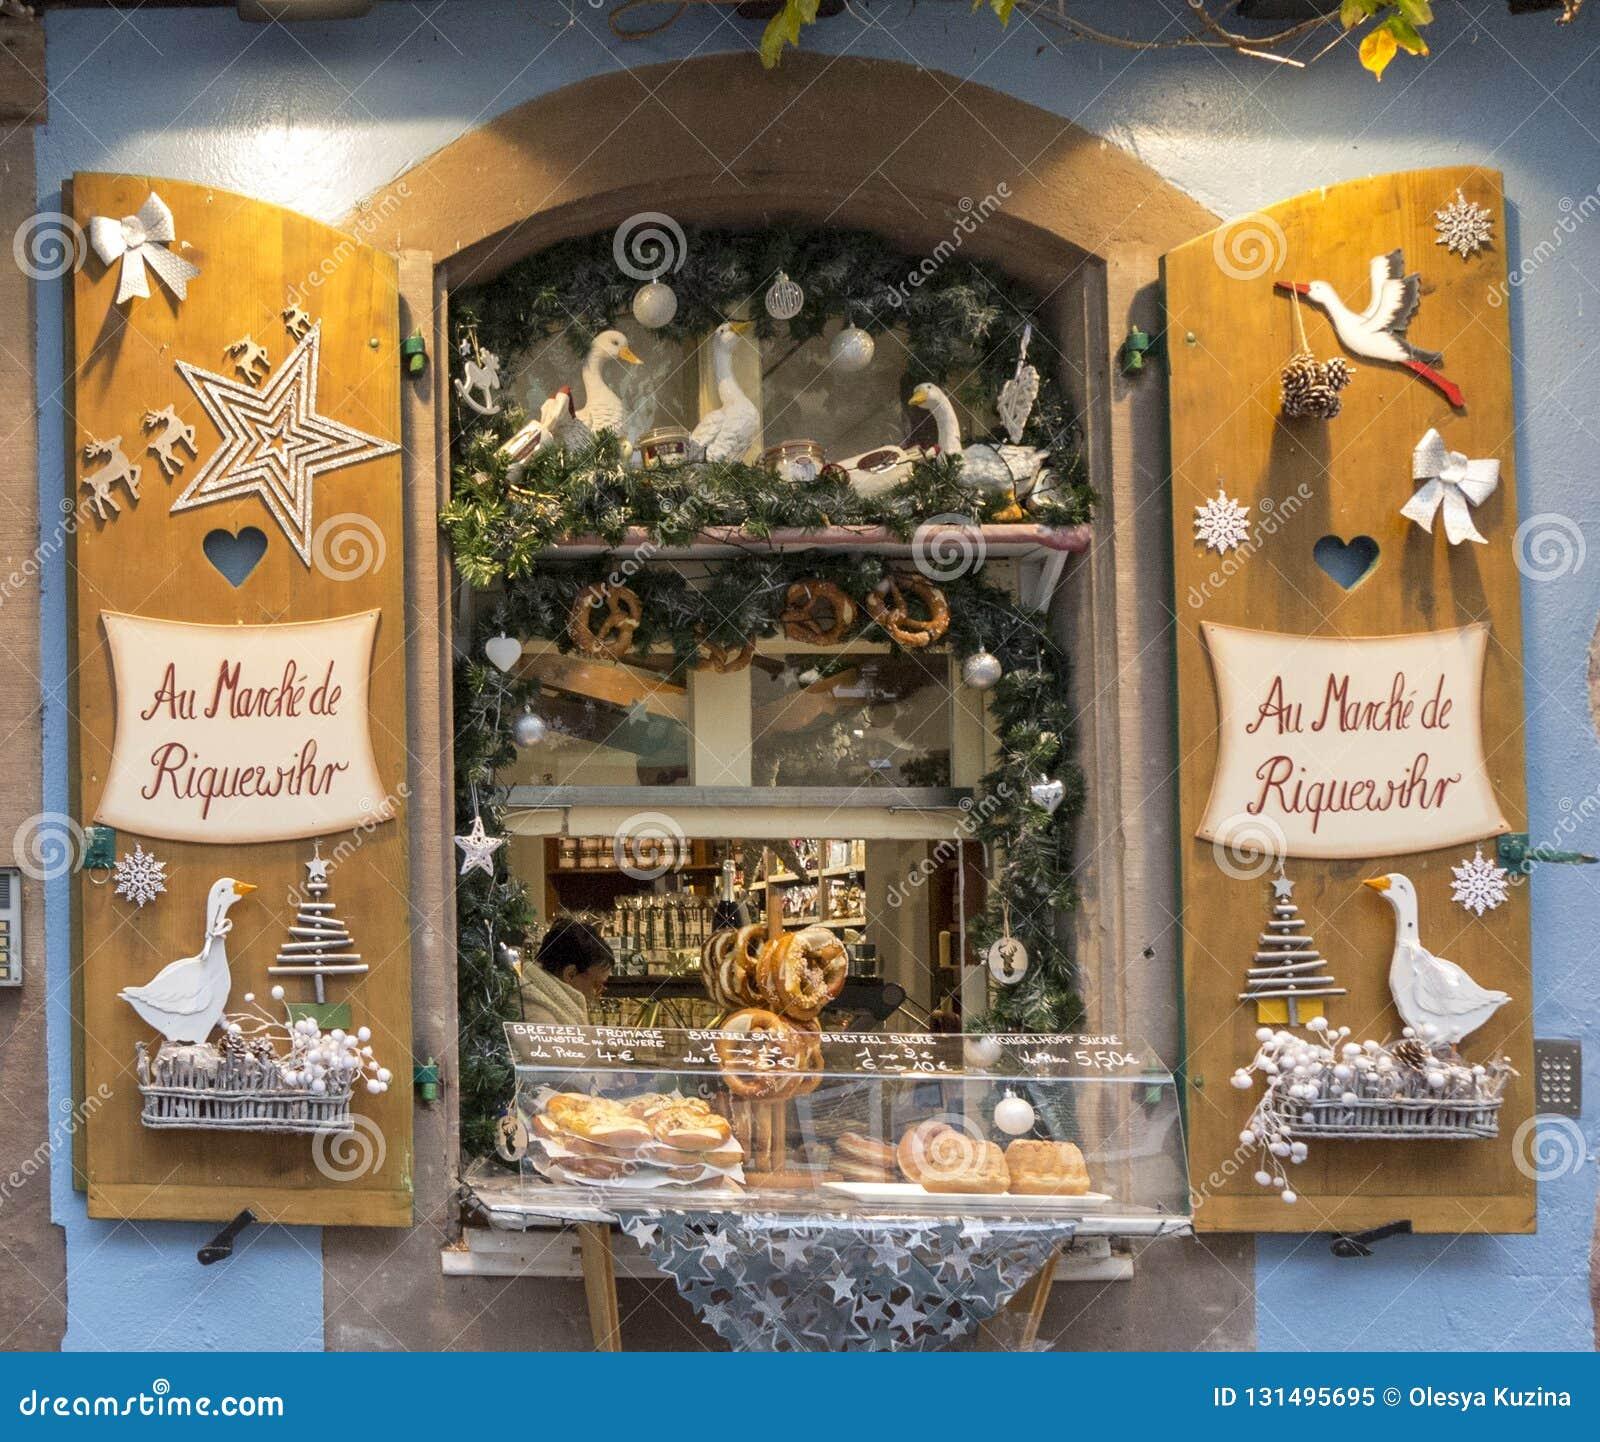 ELSAS, FRANKRIJK - DECEMBER 29, 2017: Kerstmisdecoratie op het venster van de bakkerijwinkel Lawaai in de foto